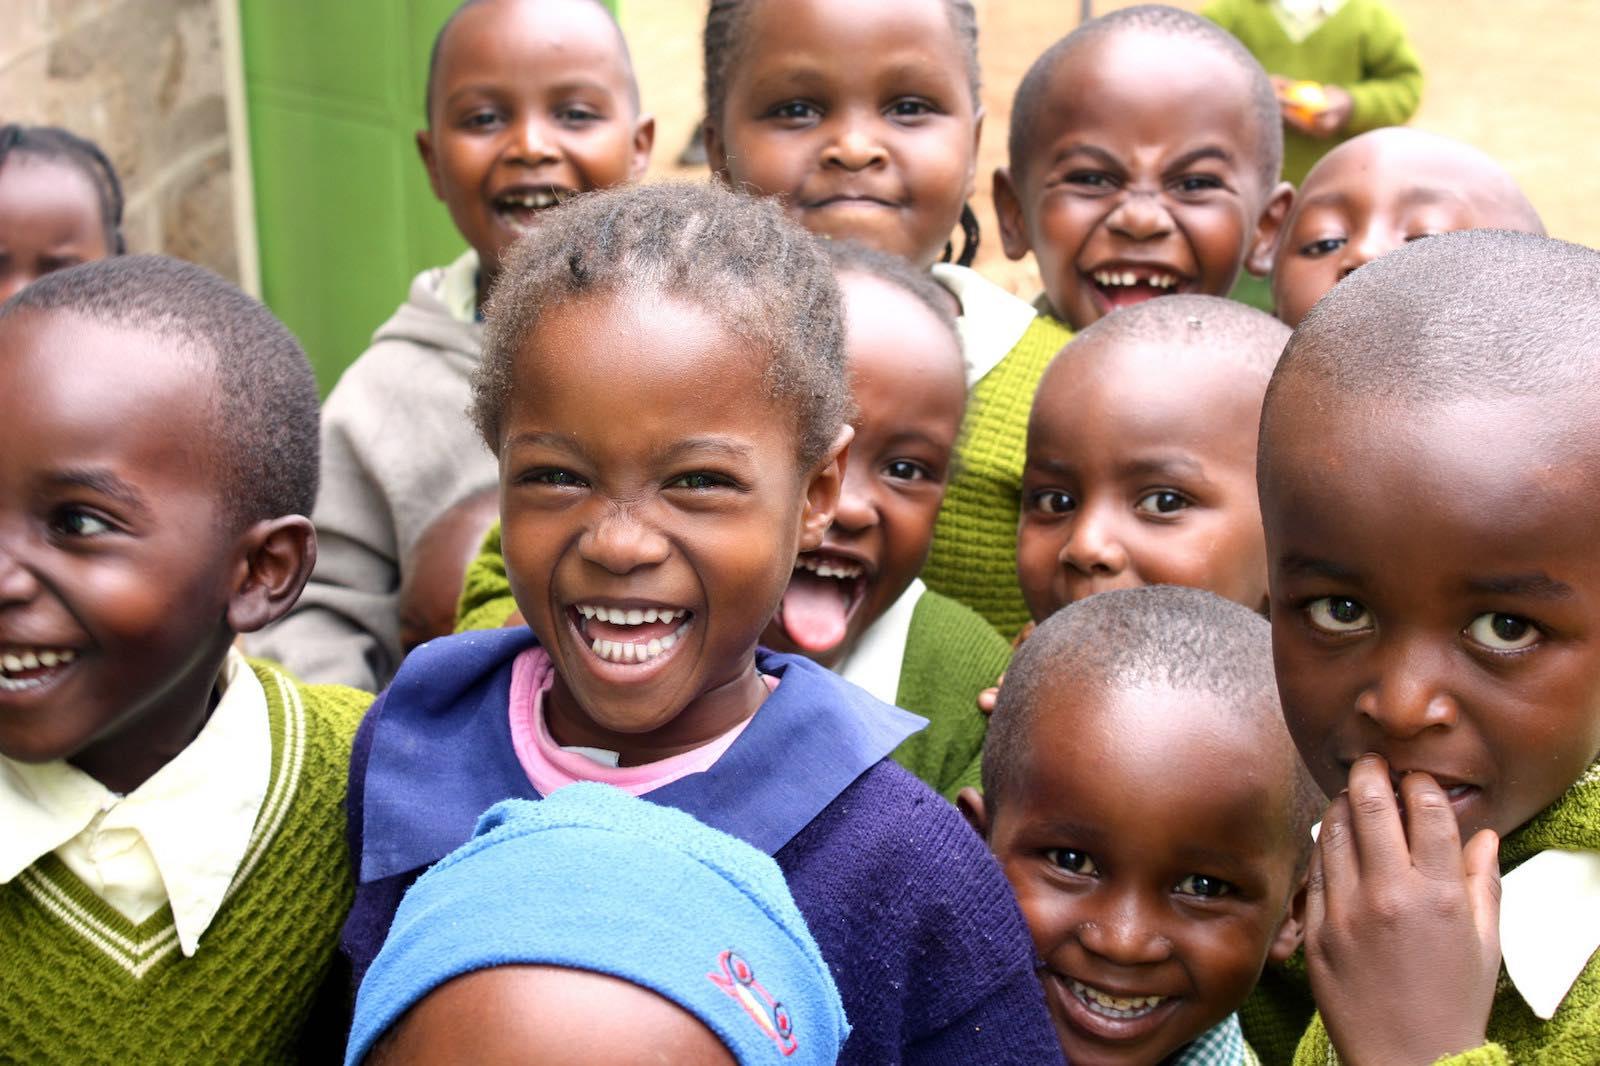 School children in Kenya (Photo: SIM USA/Flickr)